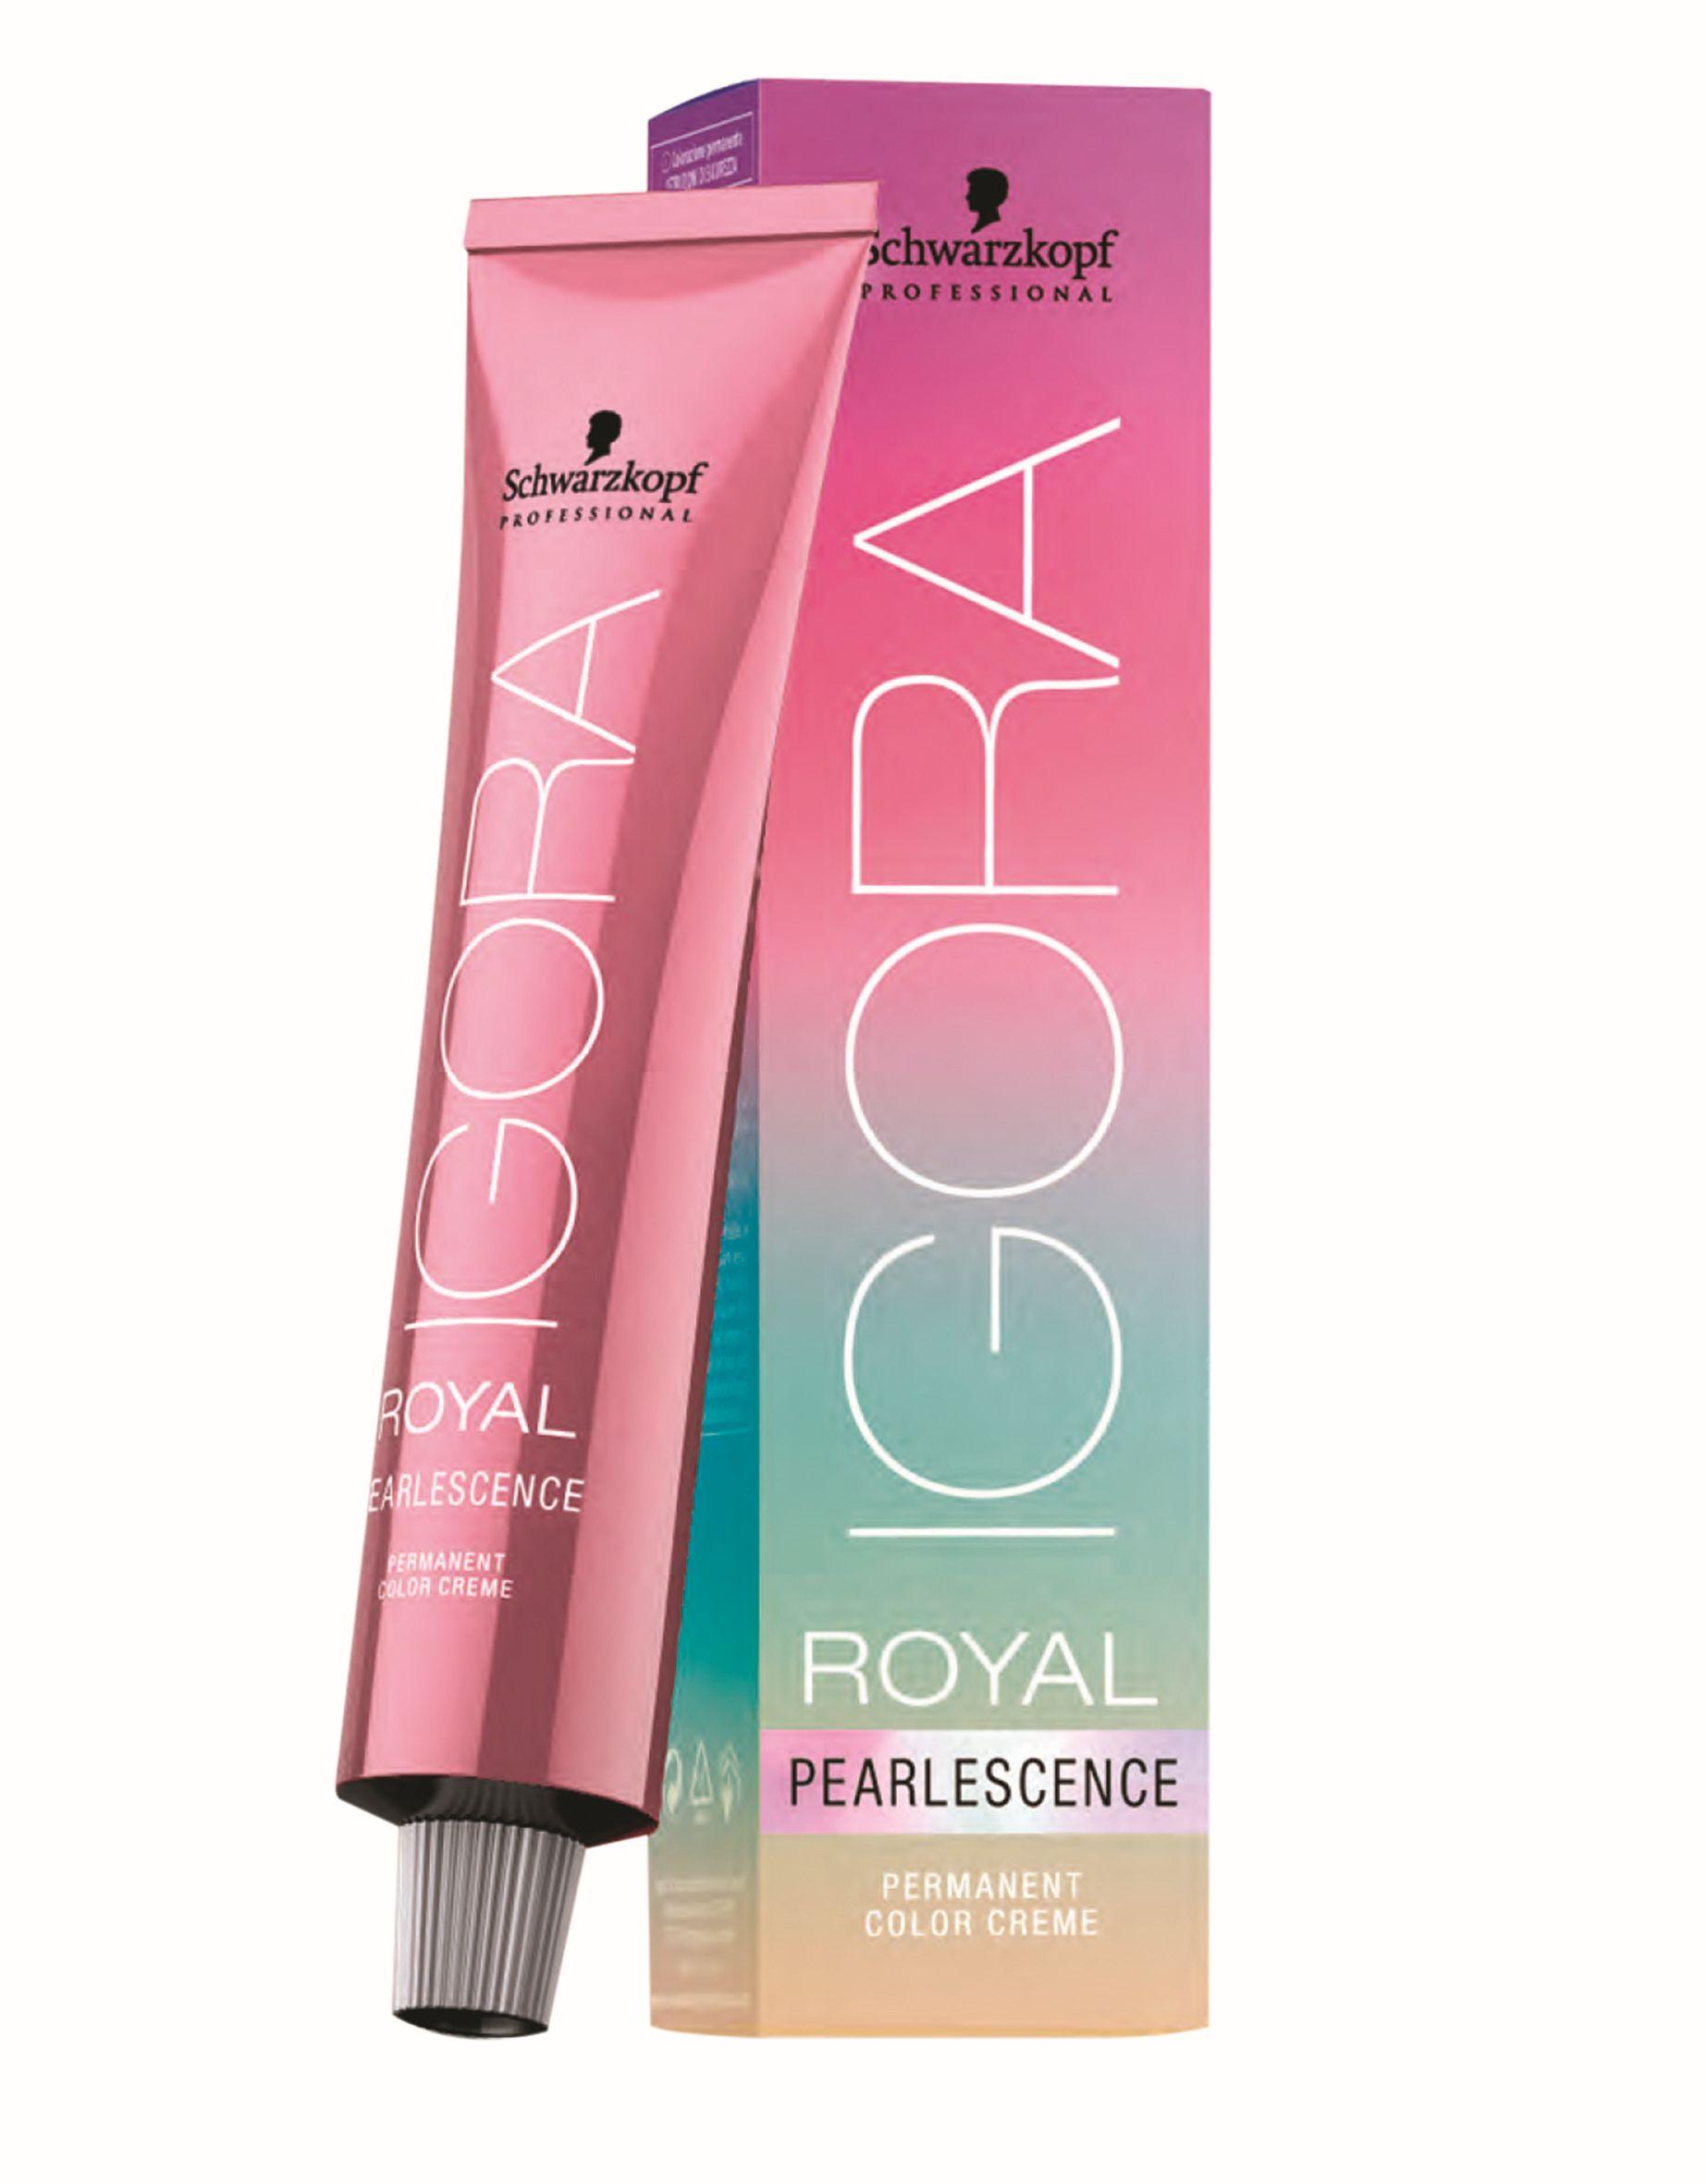 שוורצקופף פרופשיונל משיקה את סדרת צבעי הפנינה- IGORA Royal Pearlescence 1